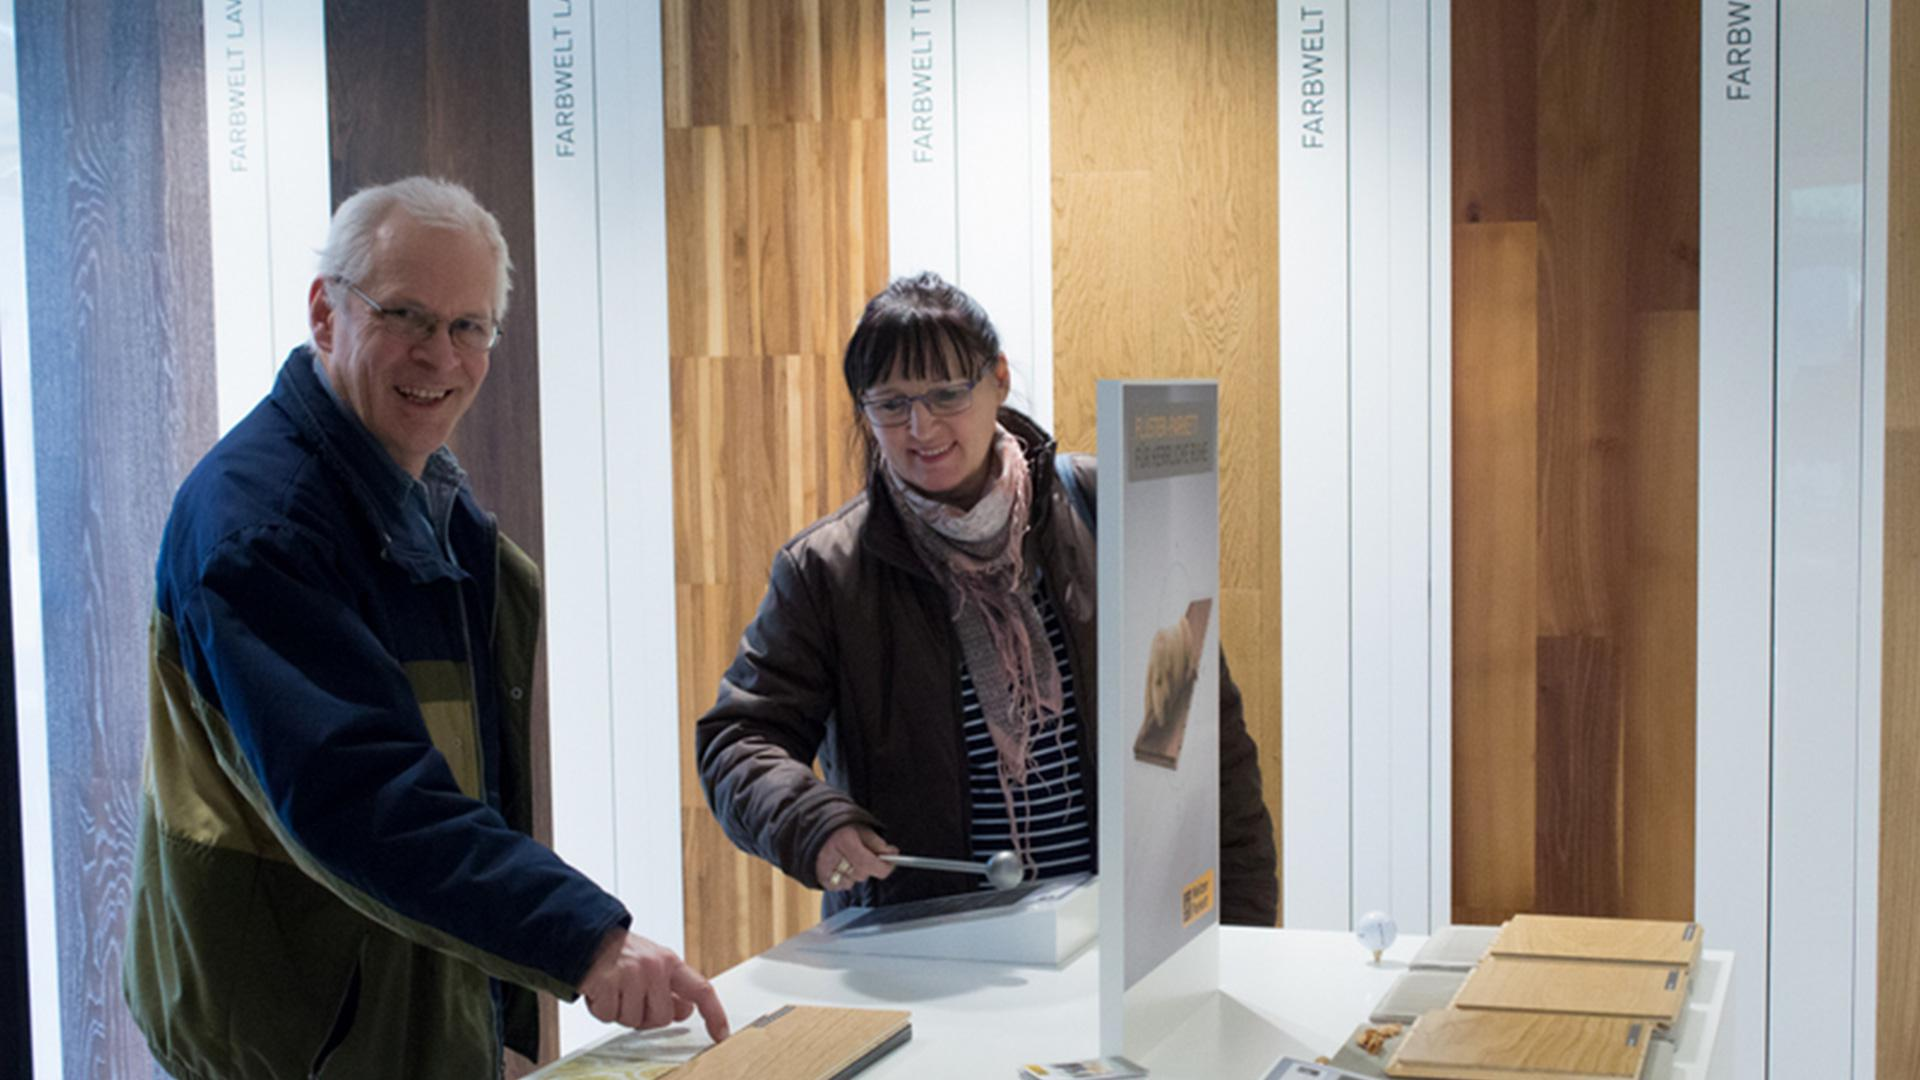 zwei Personen in der Ausstellung der Tischlerei Gleue in Lindwedel